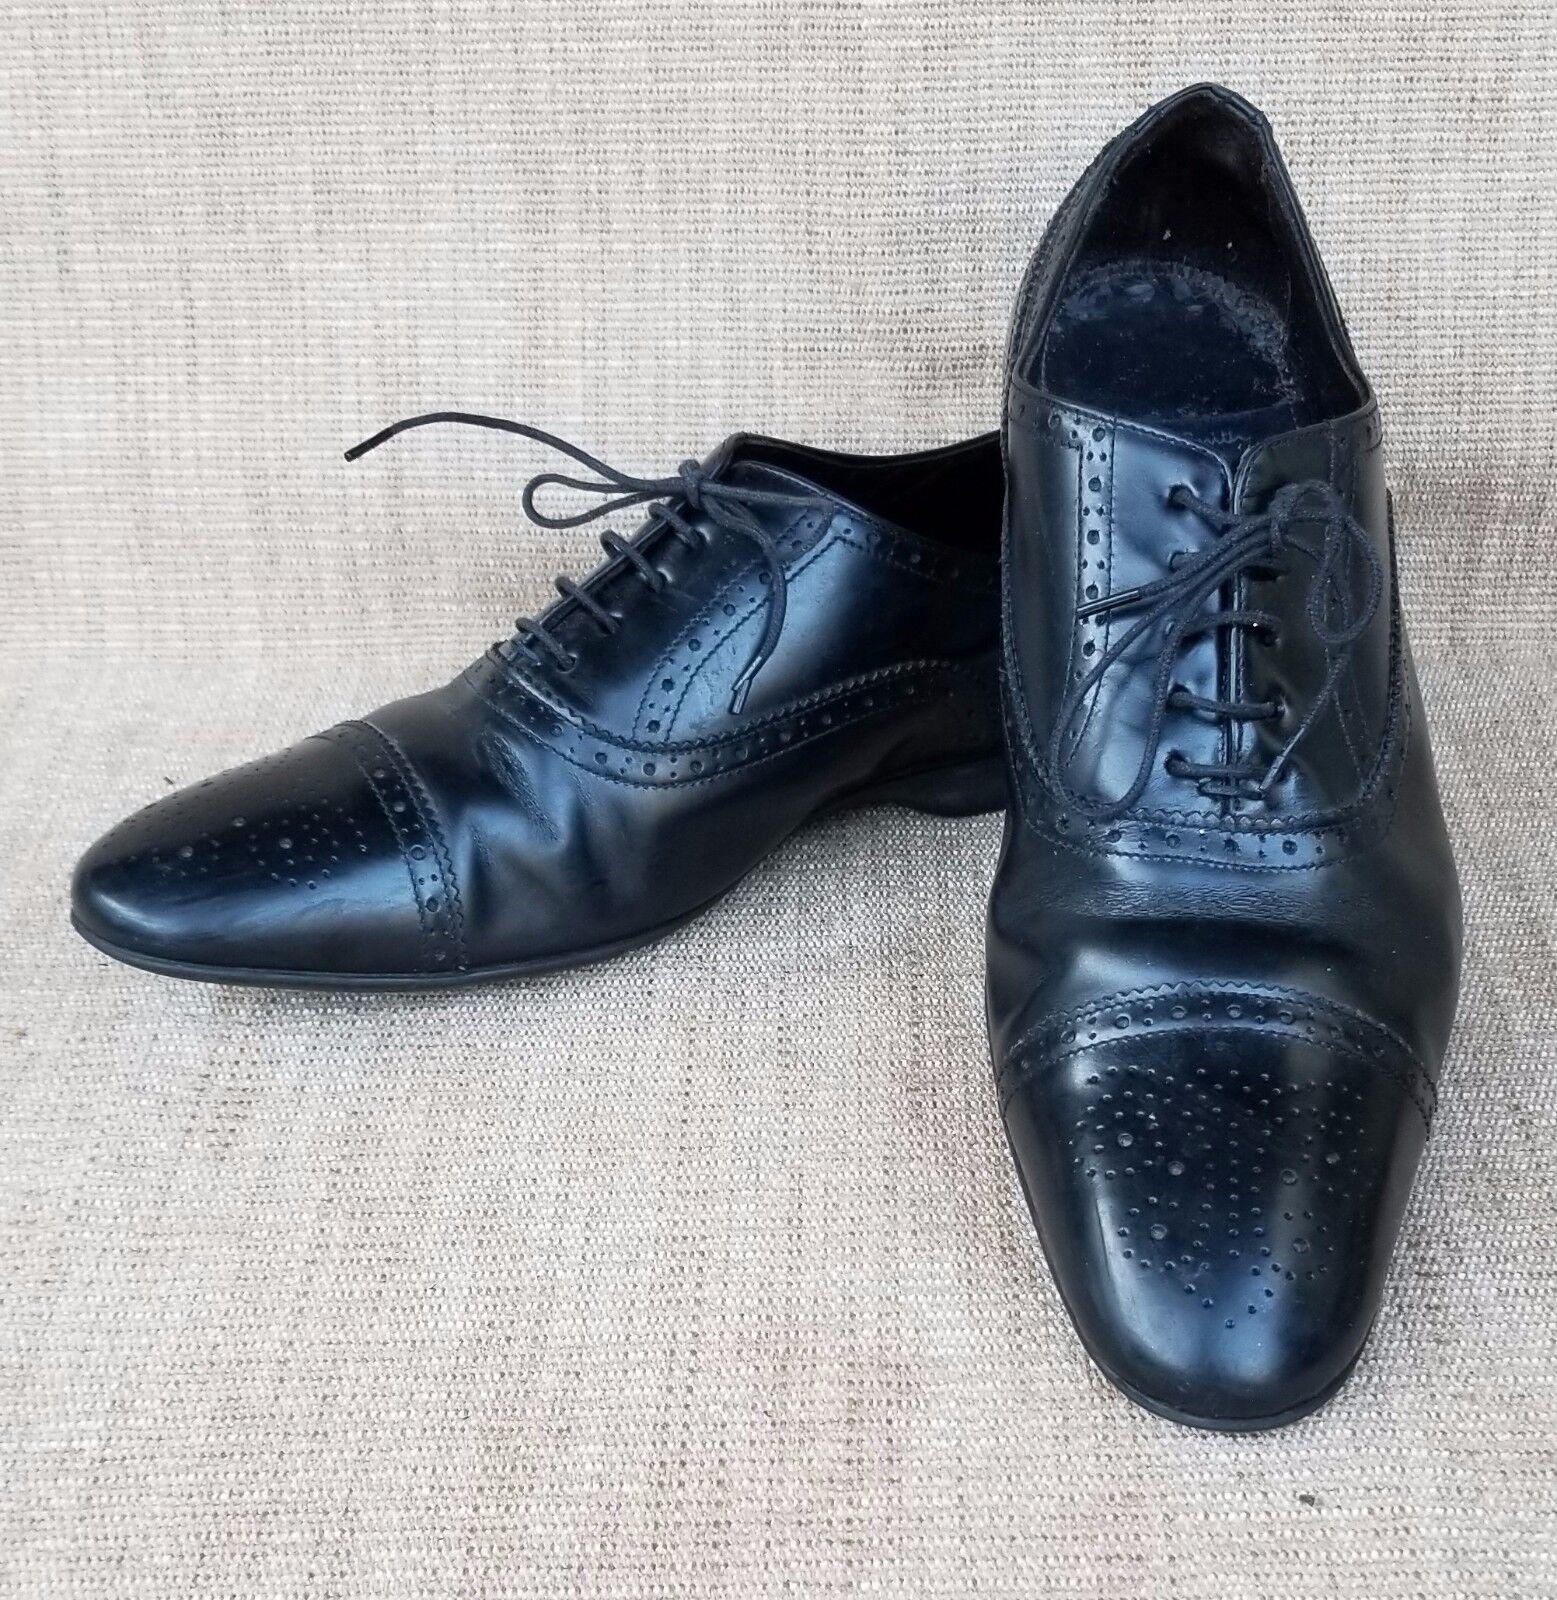 confortevole Uptown PS  PAUL SMITH Cap Toe nero nero nero Leather Lace Up Rubber Sole scarpe SZ 42   Negozio 2018